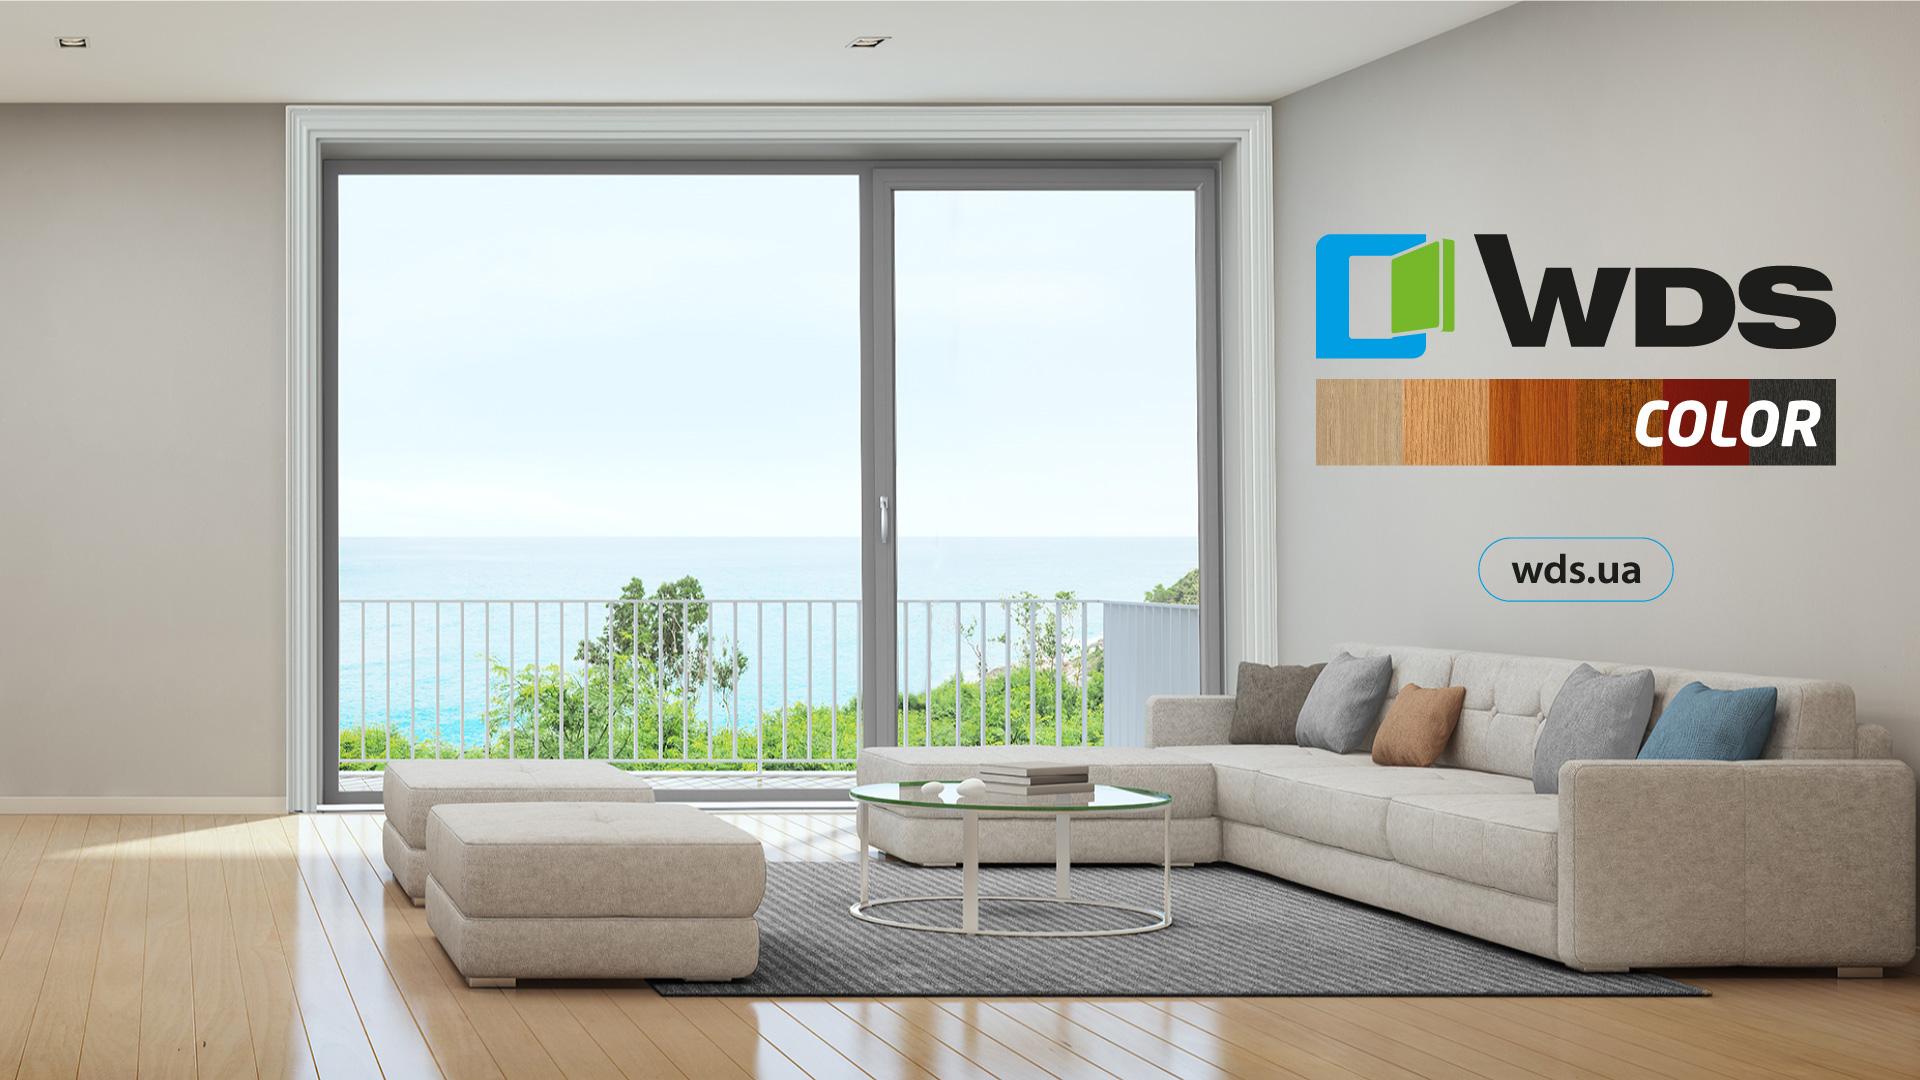 ТМ WDS запустила новую рекламную кампанию с акцентом на ламинированные окна WDS Color